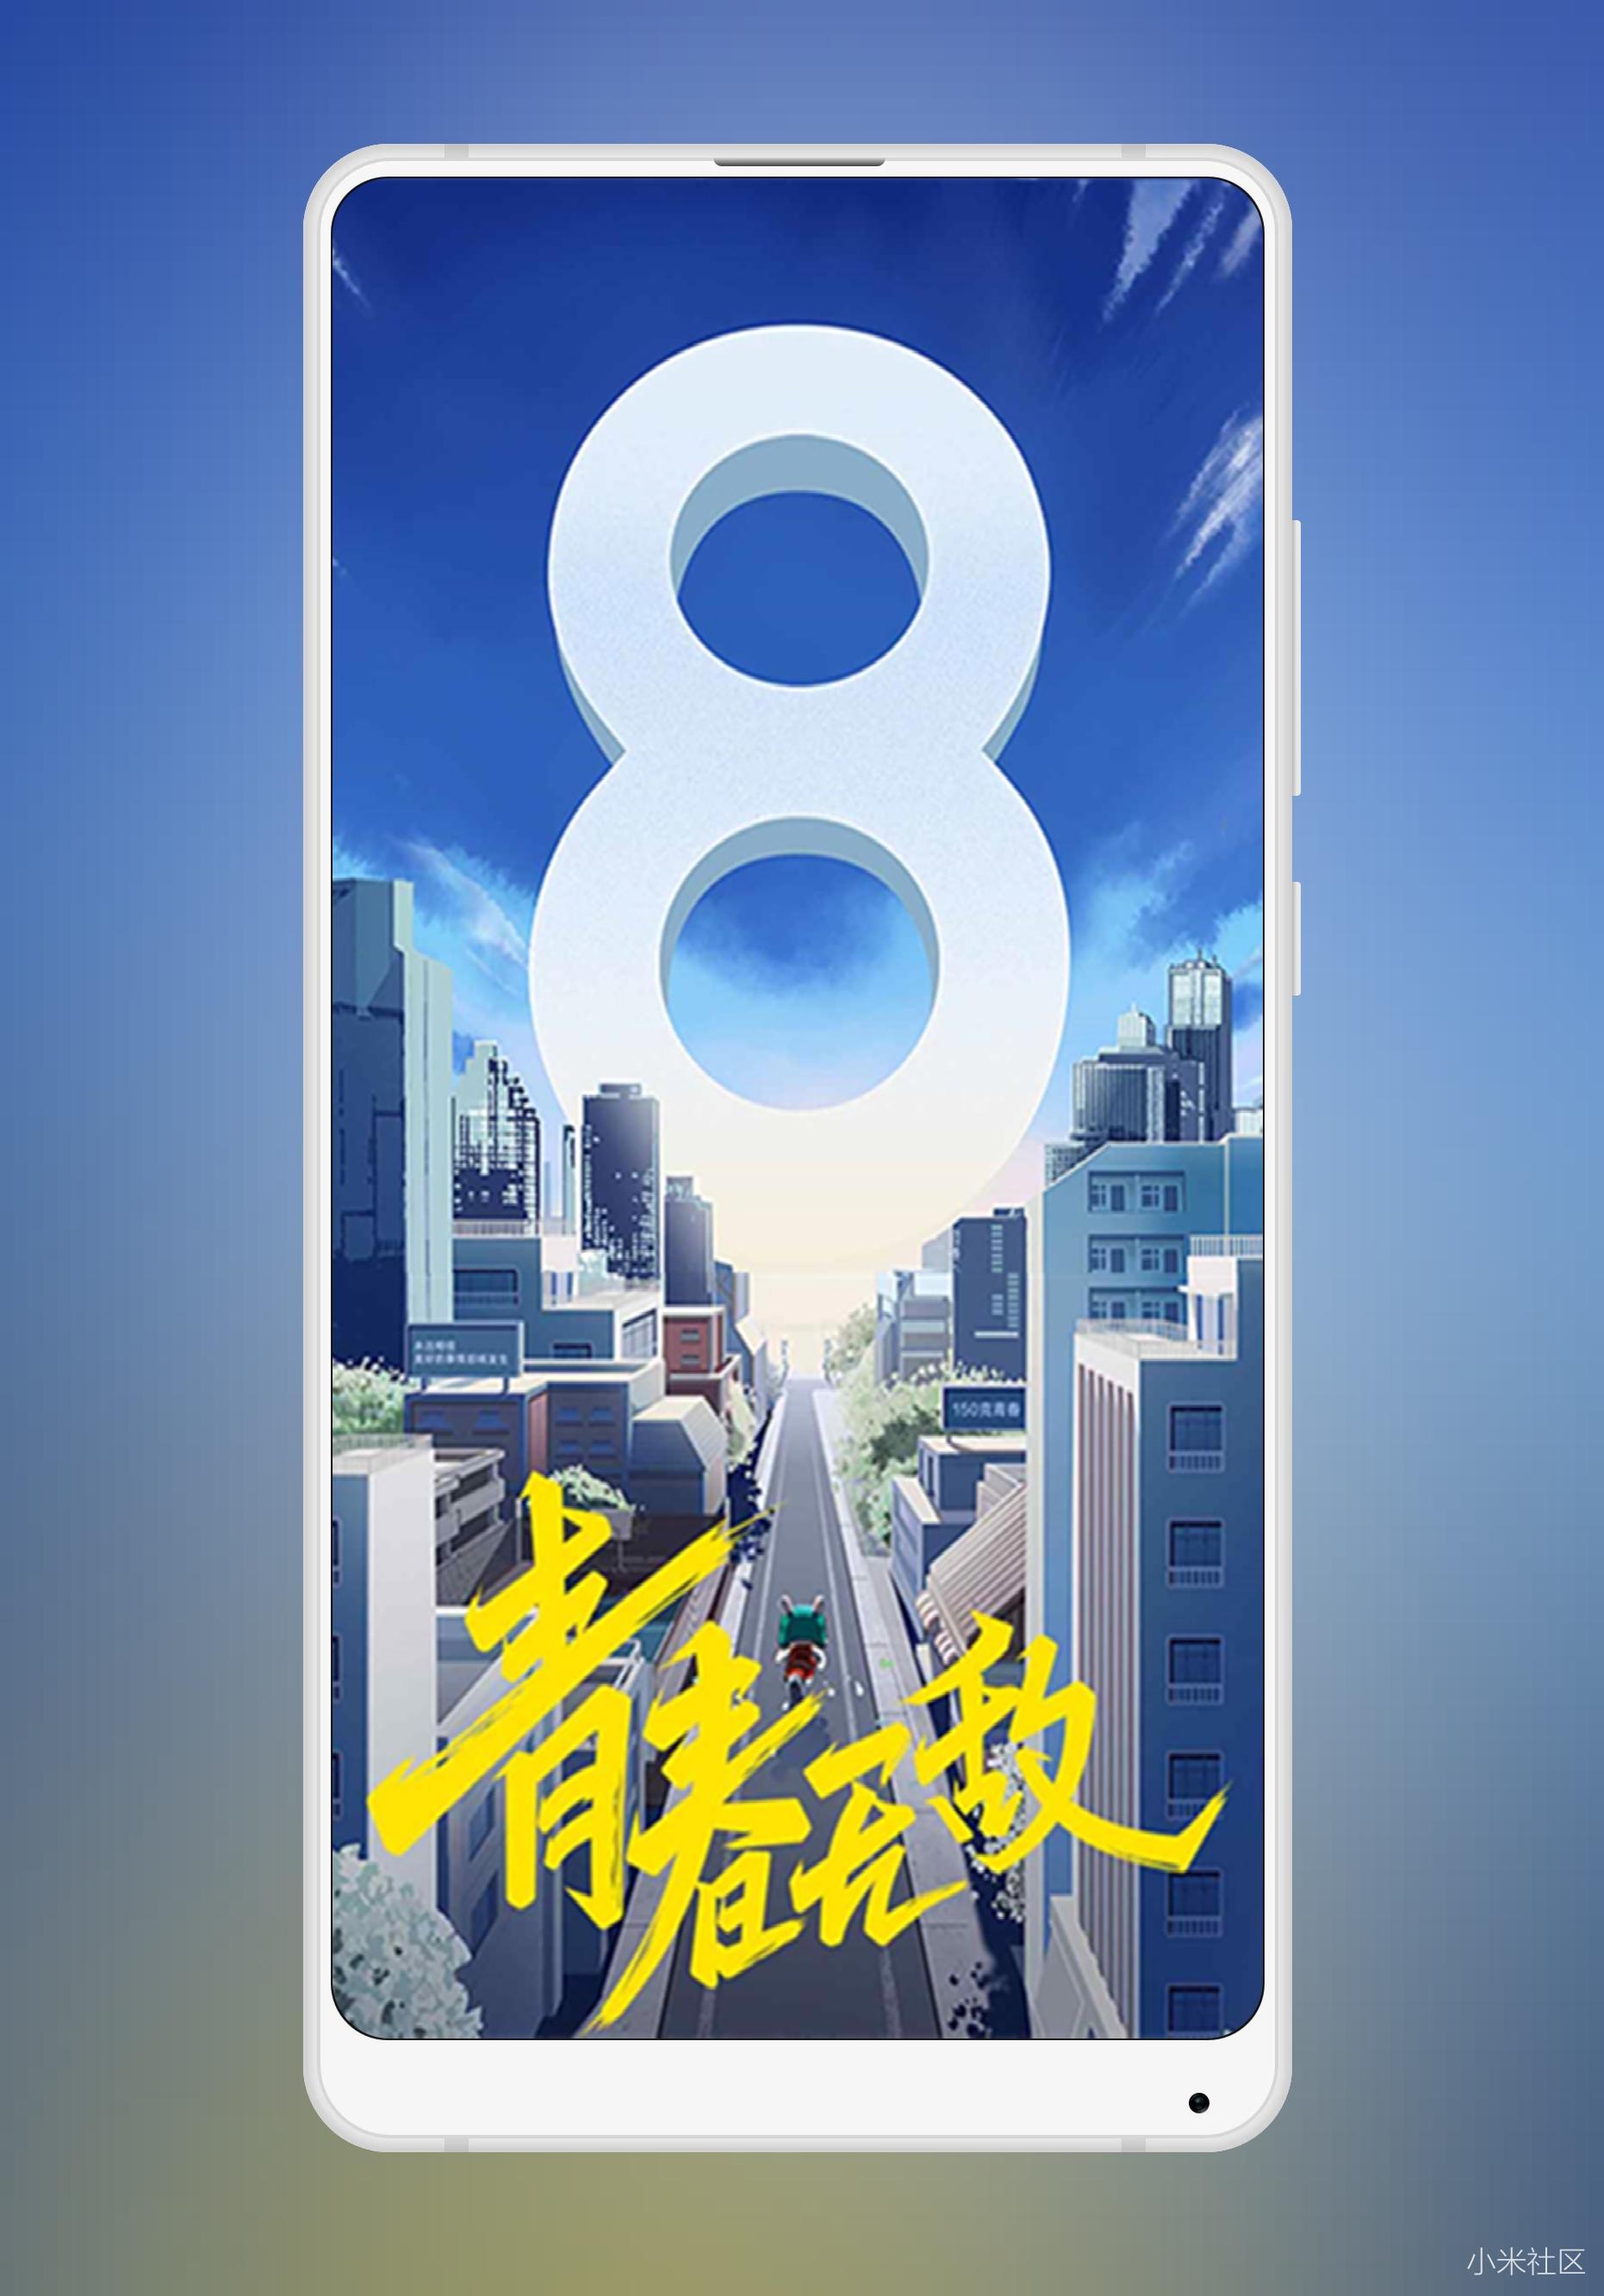 小米8青春版即将发布:青春无敌高清海报宣传壁纸